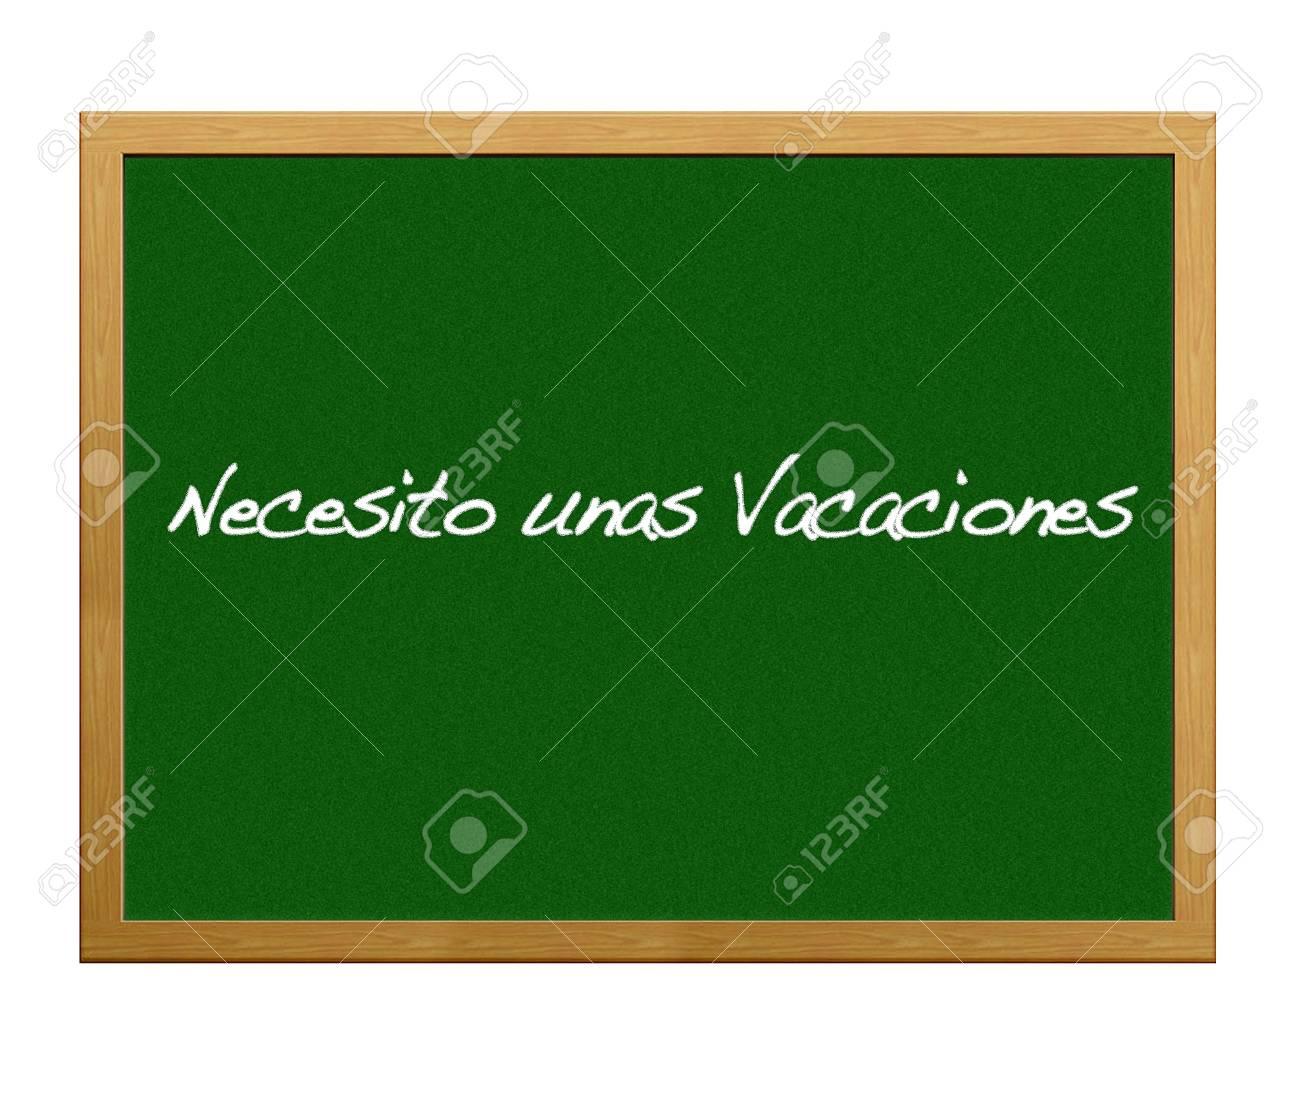 Need a holiday. Stock Photo - 12554878